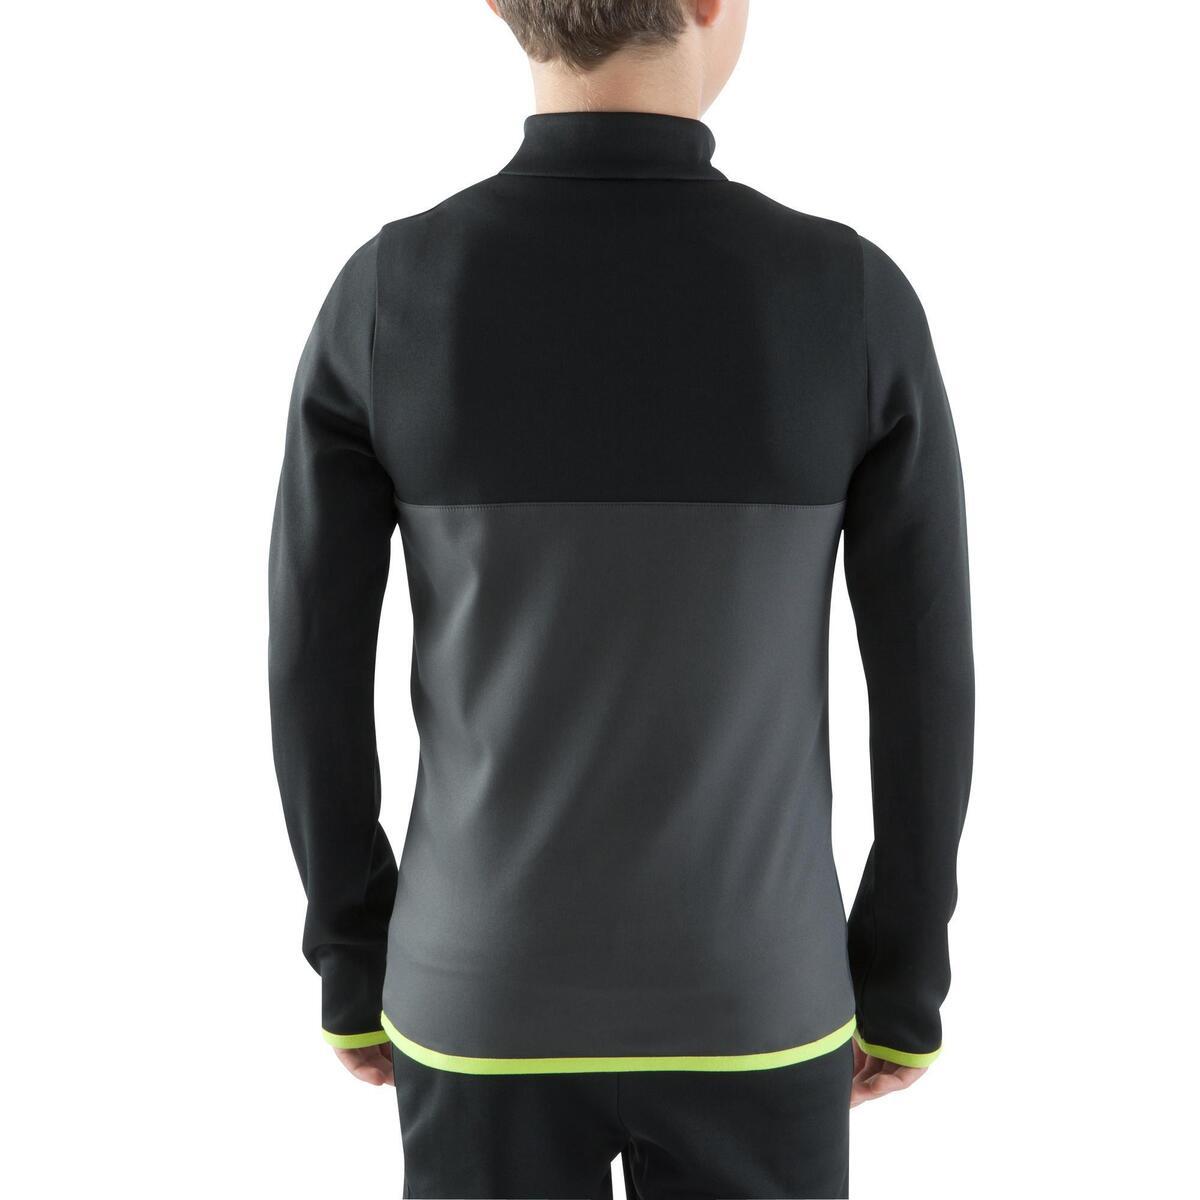 Bild 4 von Sweatshirt Fußball T500 Kinder schwarz/neongelb